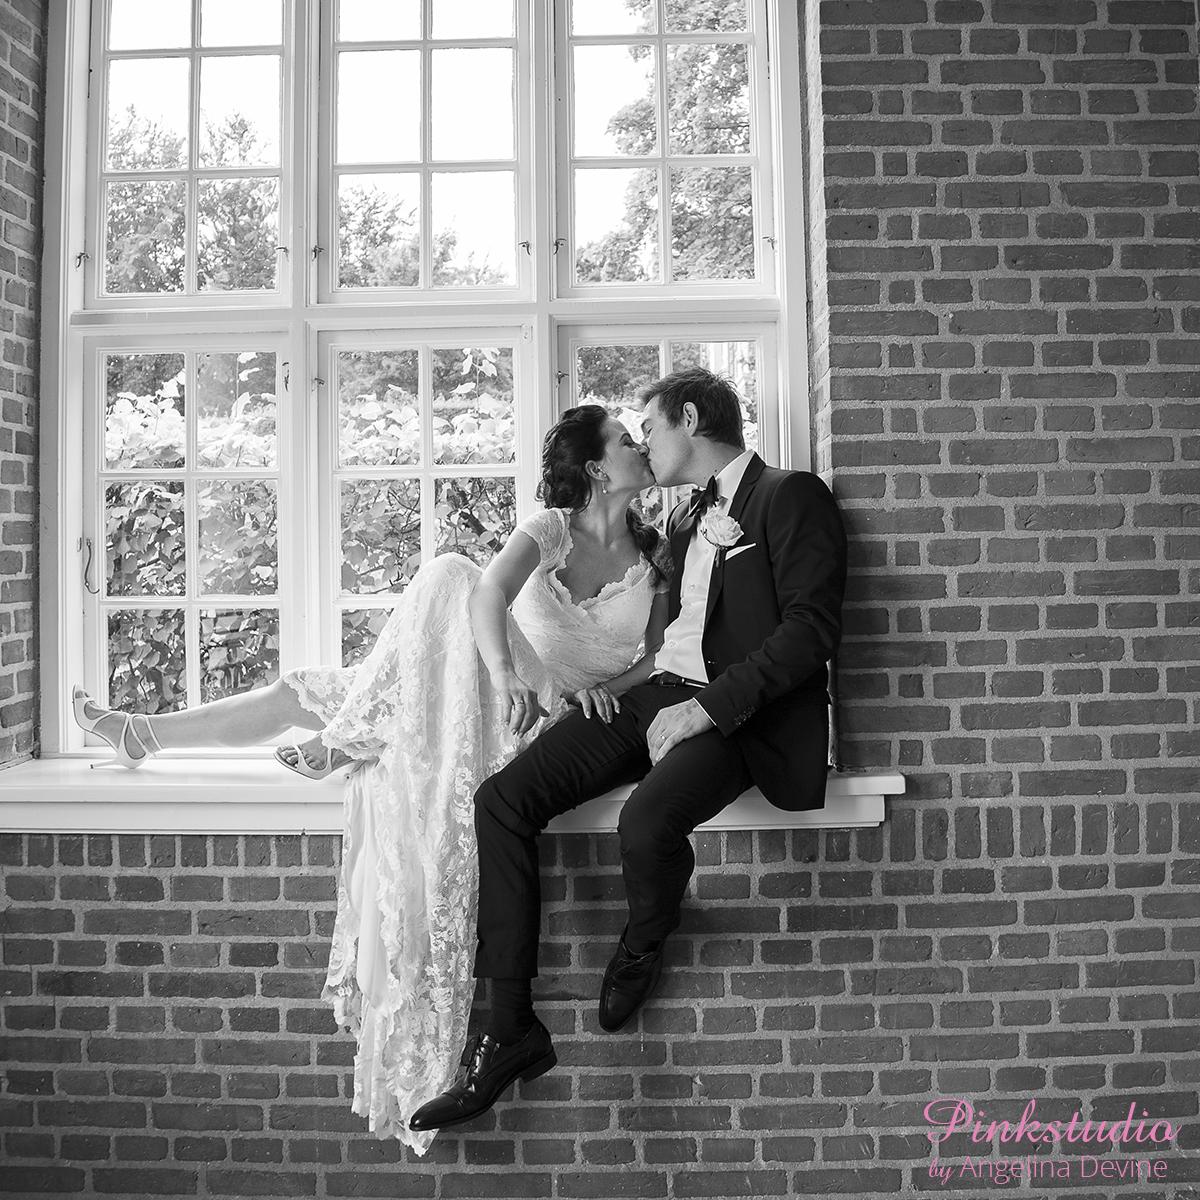 Pinkstudio by Angelina Devine 1.-Mette-og-Mark-portrætter-43 Vind for 15.000 kr bryllupsfotografering Bryllup Nyheder Tilbud